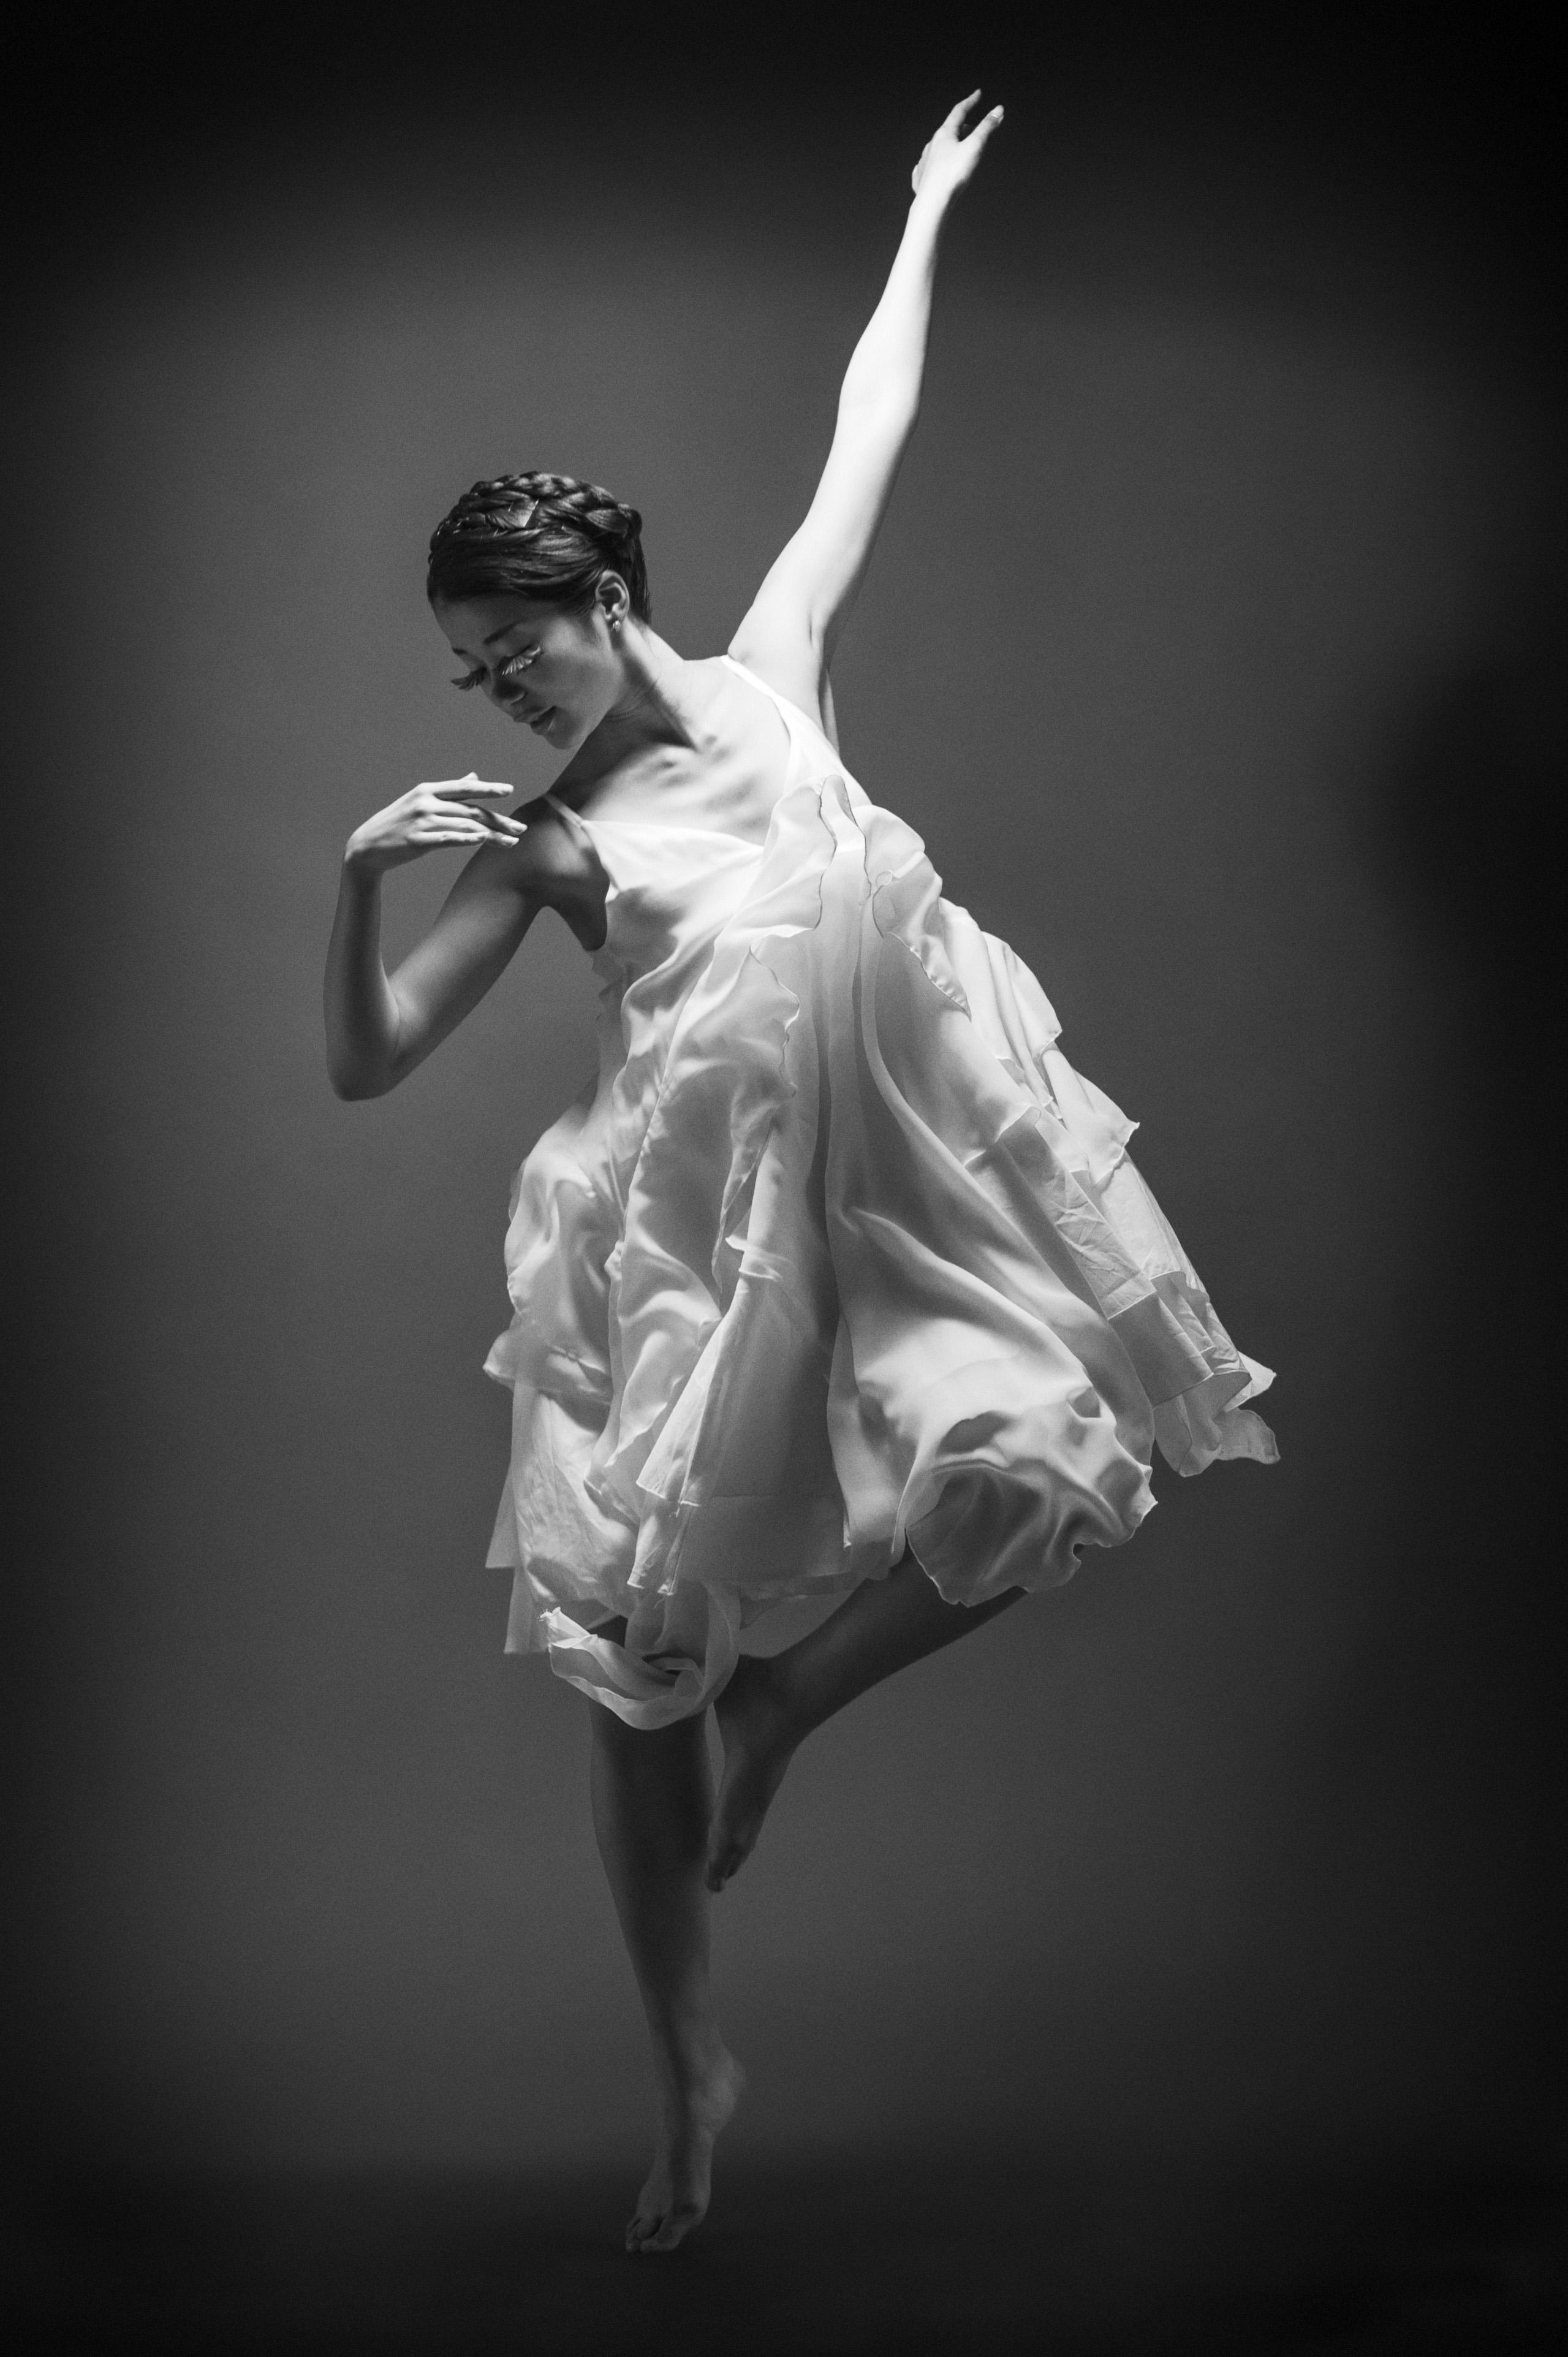 ダンサー白黒